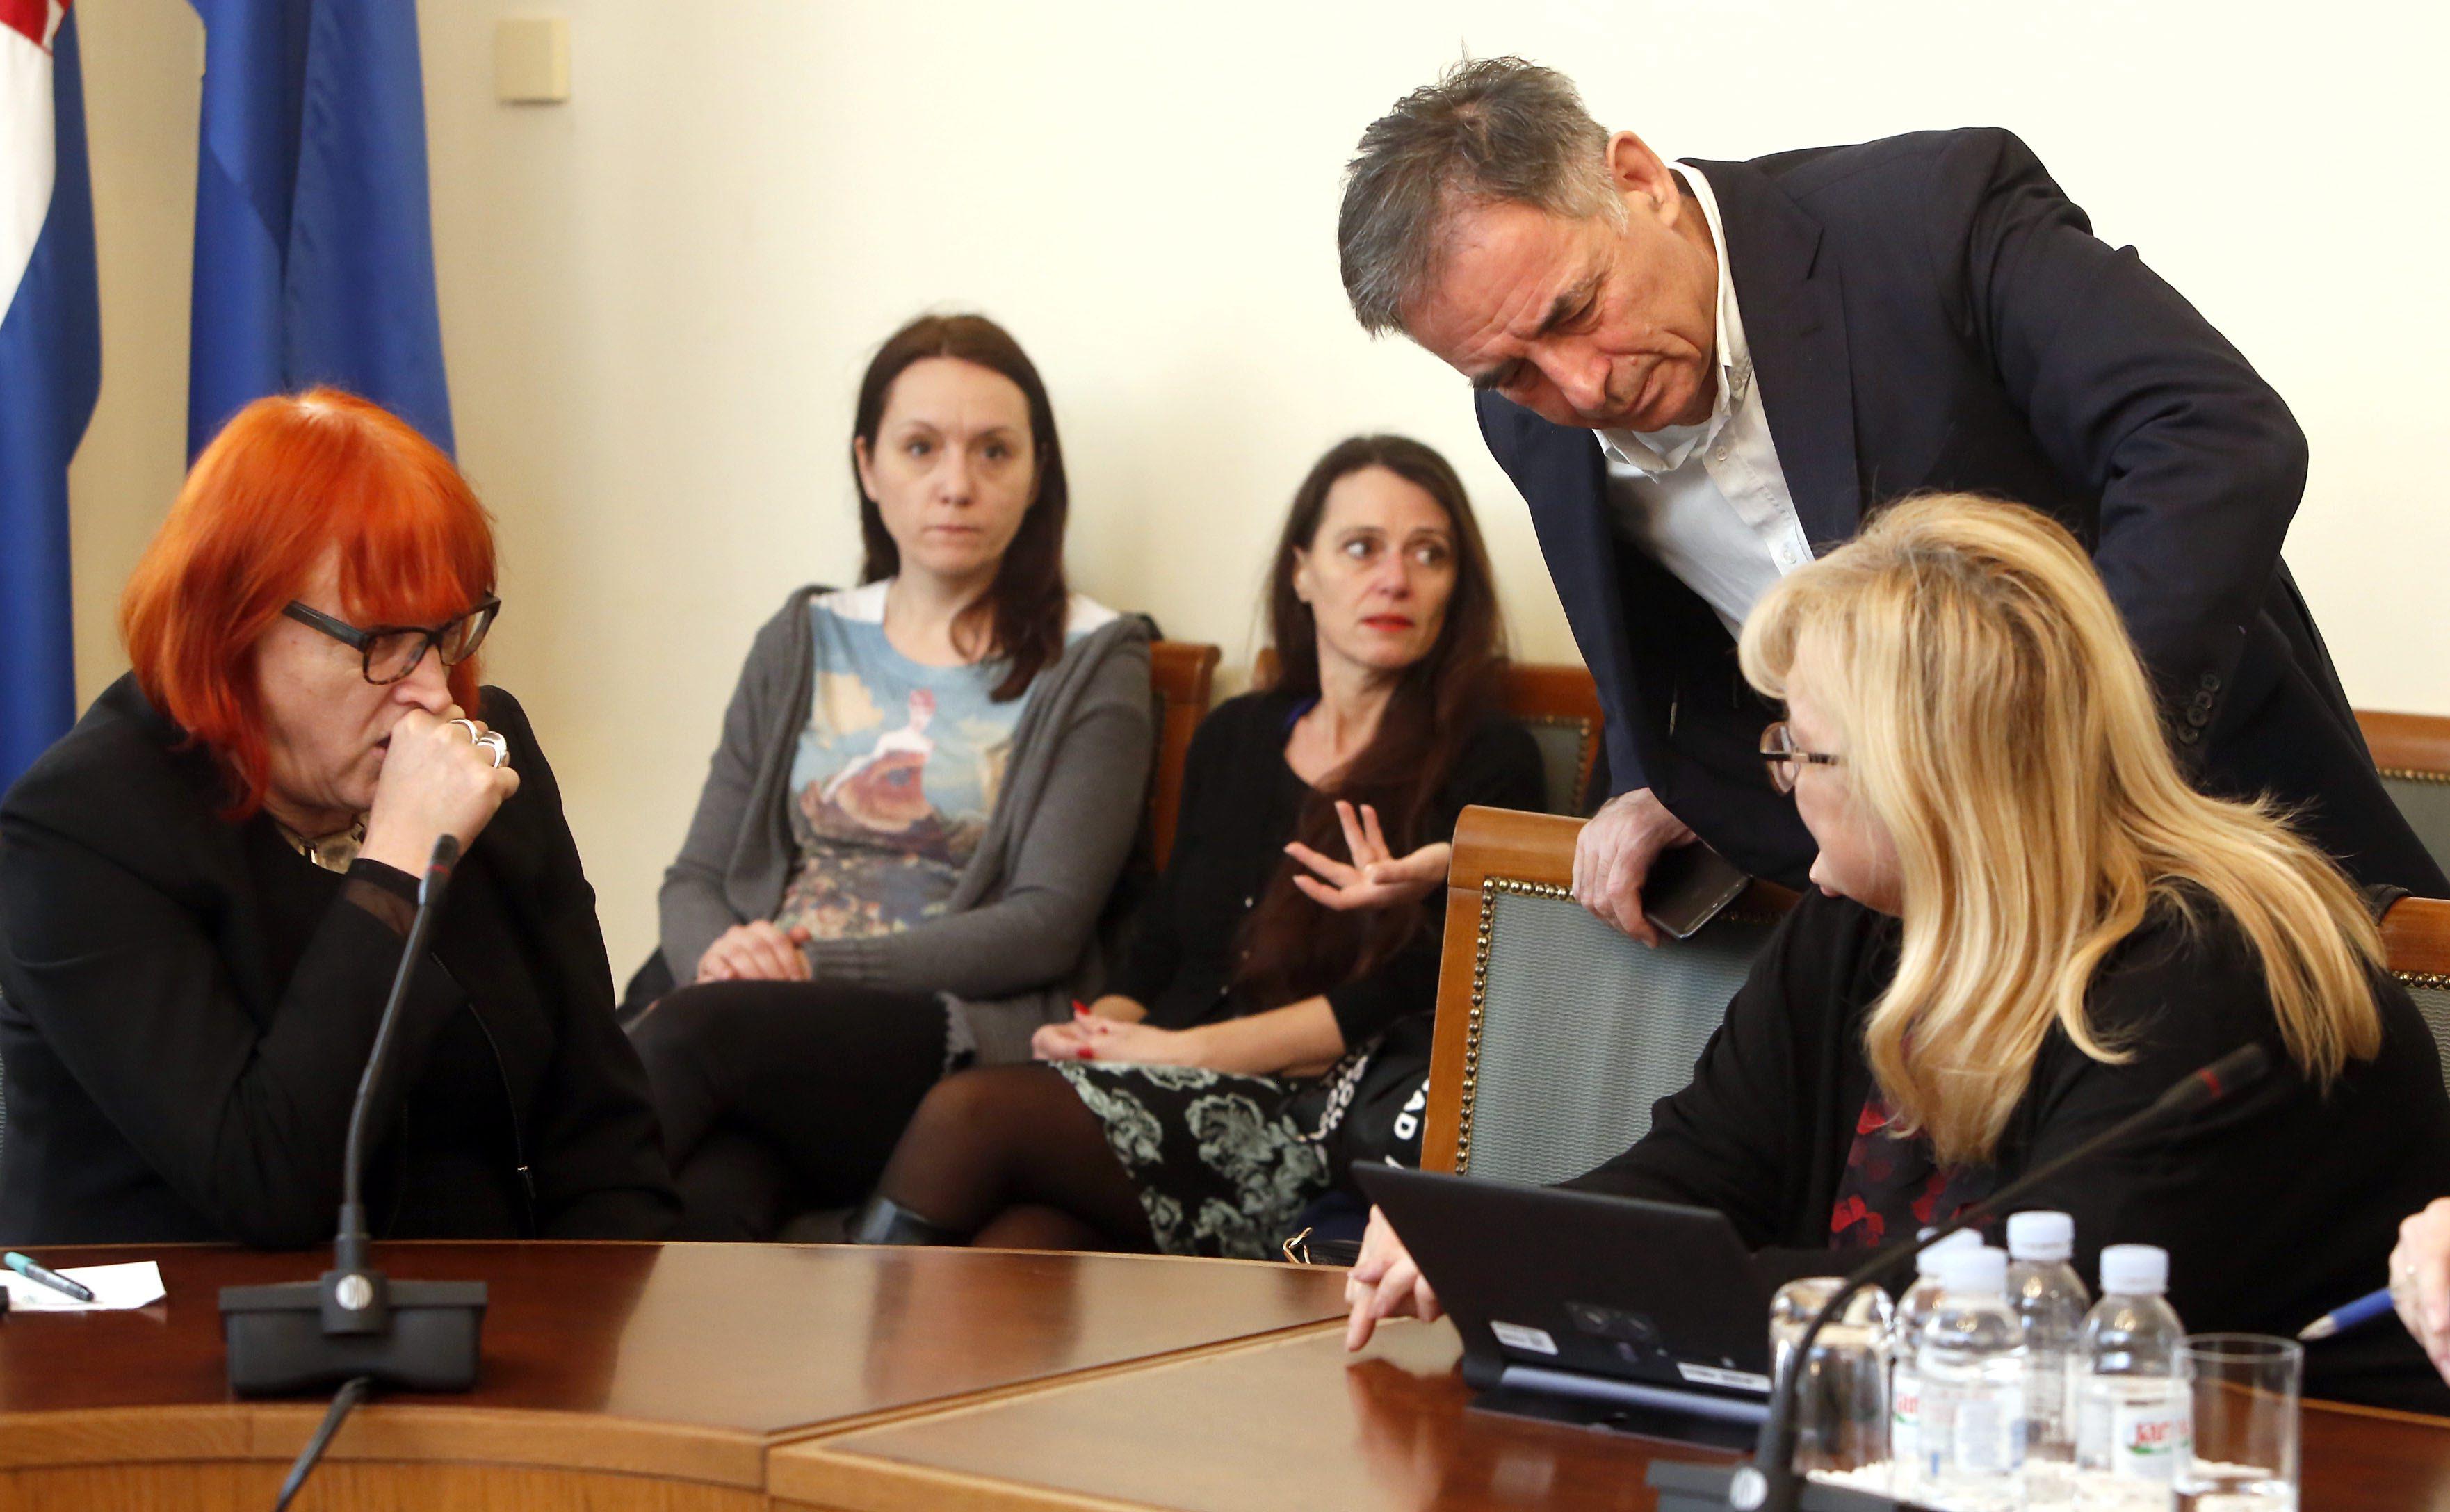 Rada Borić, Ines Strenja Linić i Milorad Pupovac na sjednici Odbora za ljudska prava